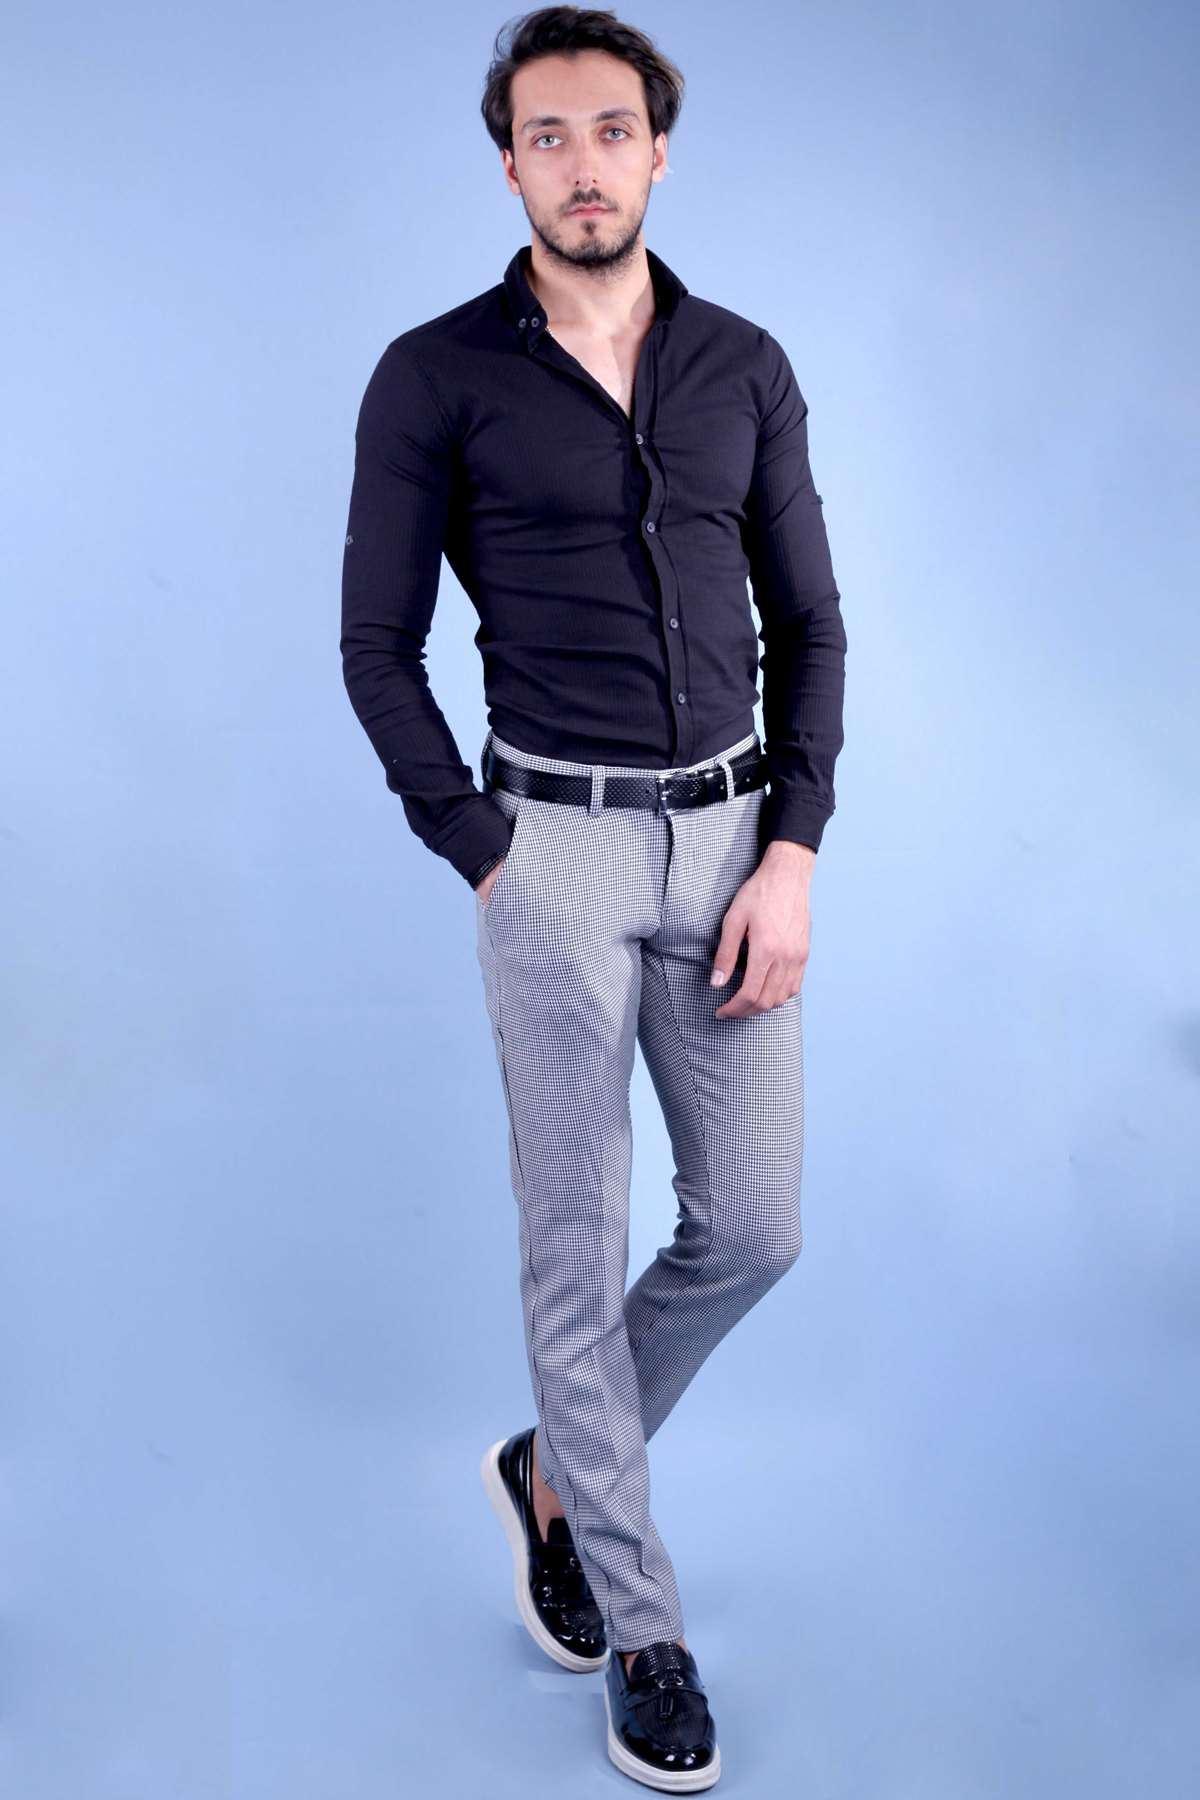 Küçük Kare Desenli Arka Gizli Cepli Slim Fit Pantolon Siyah-Beyaz